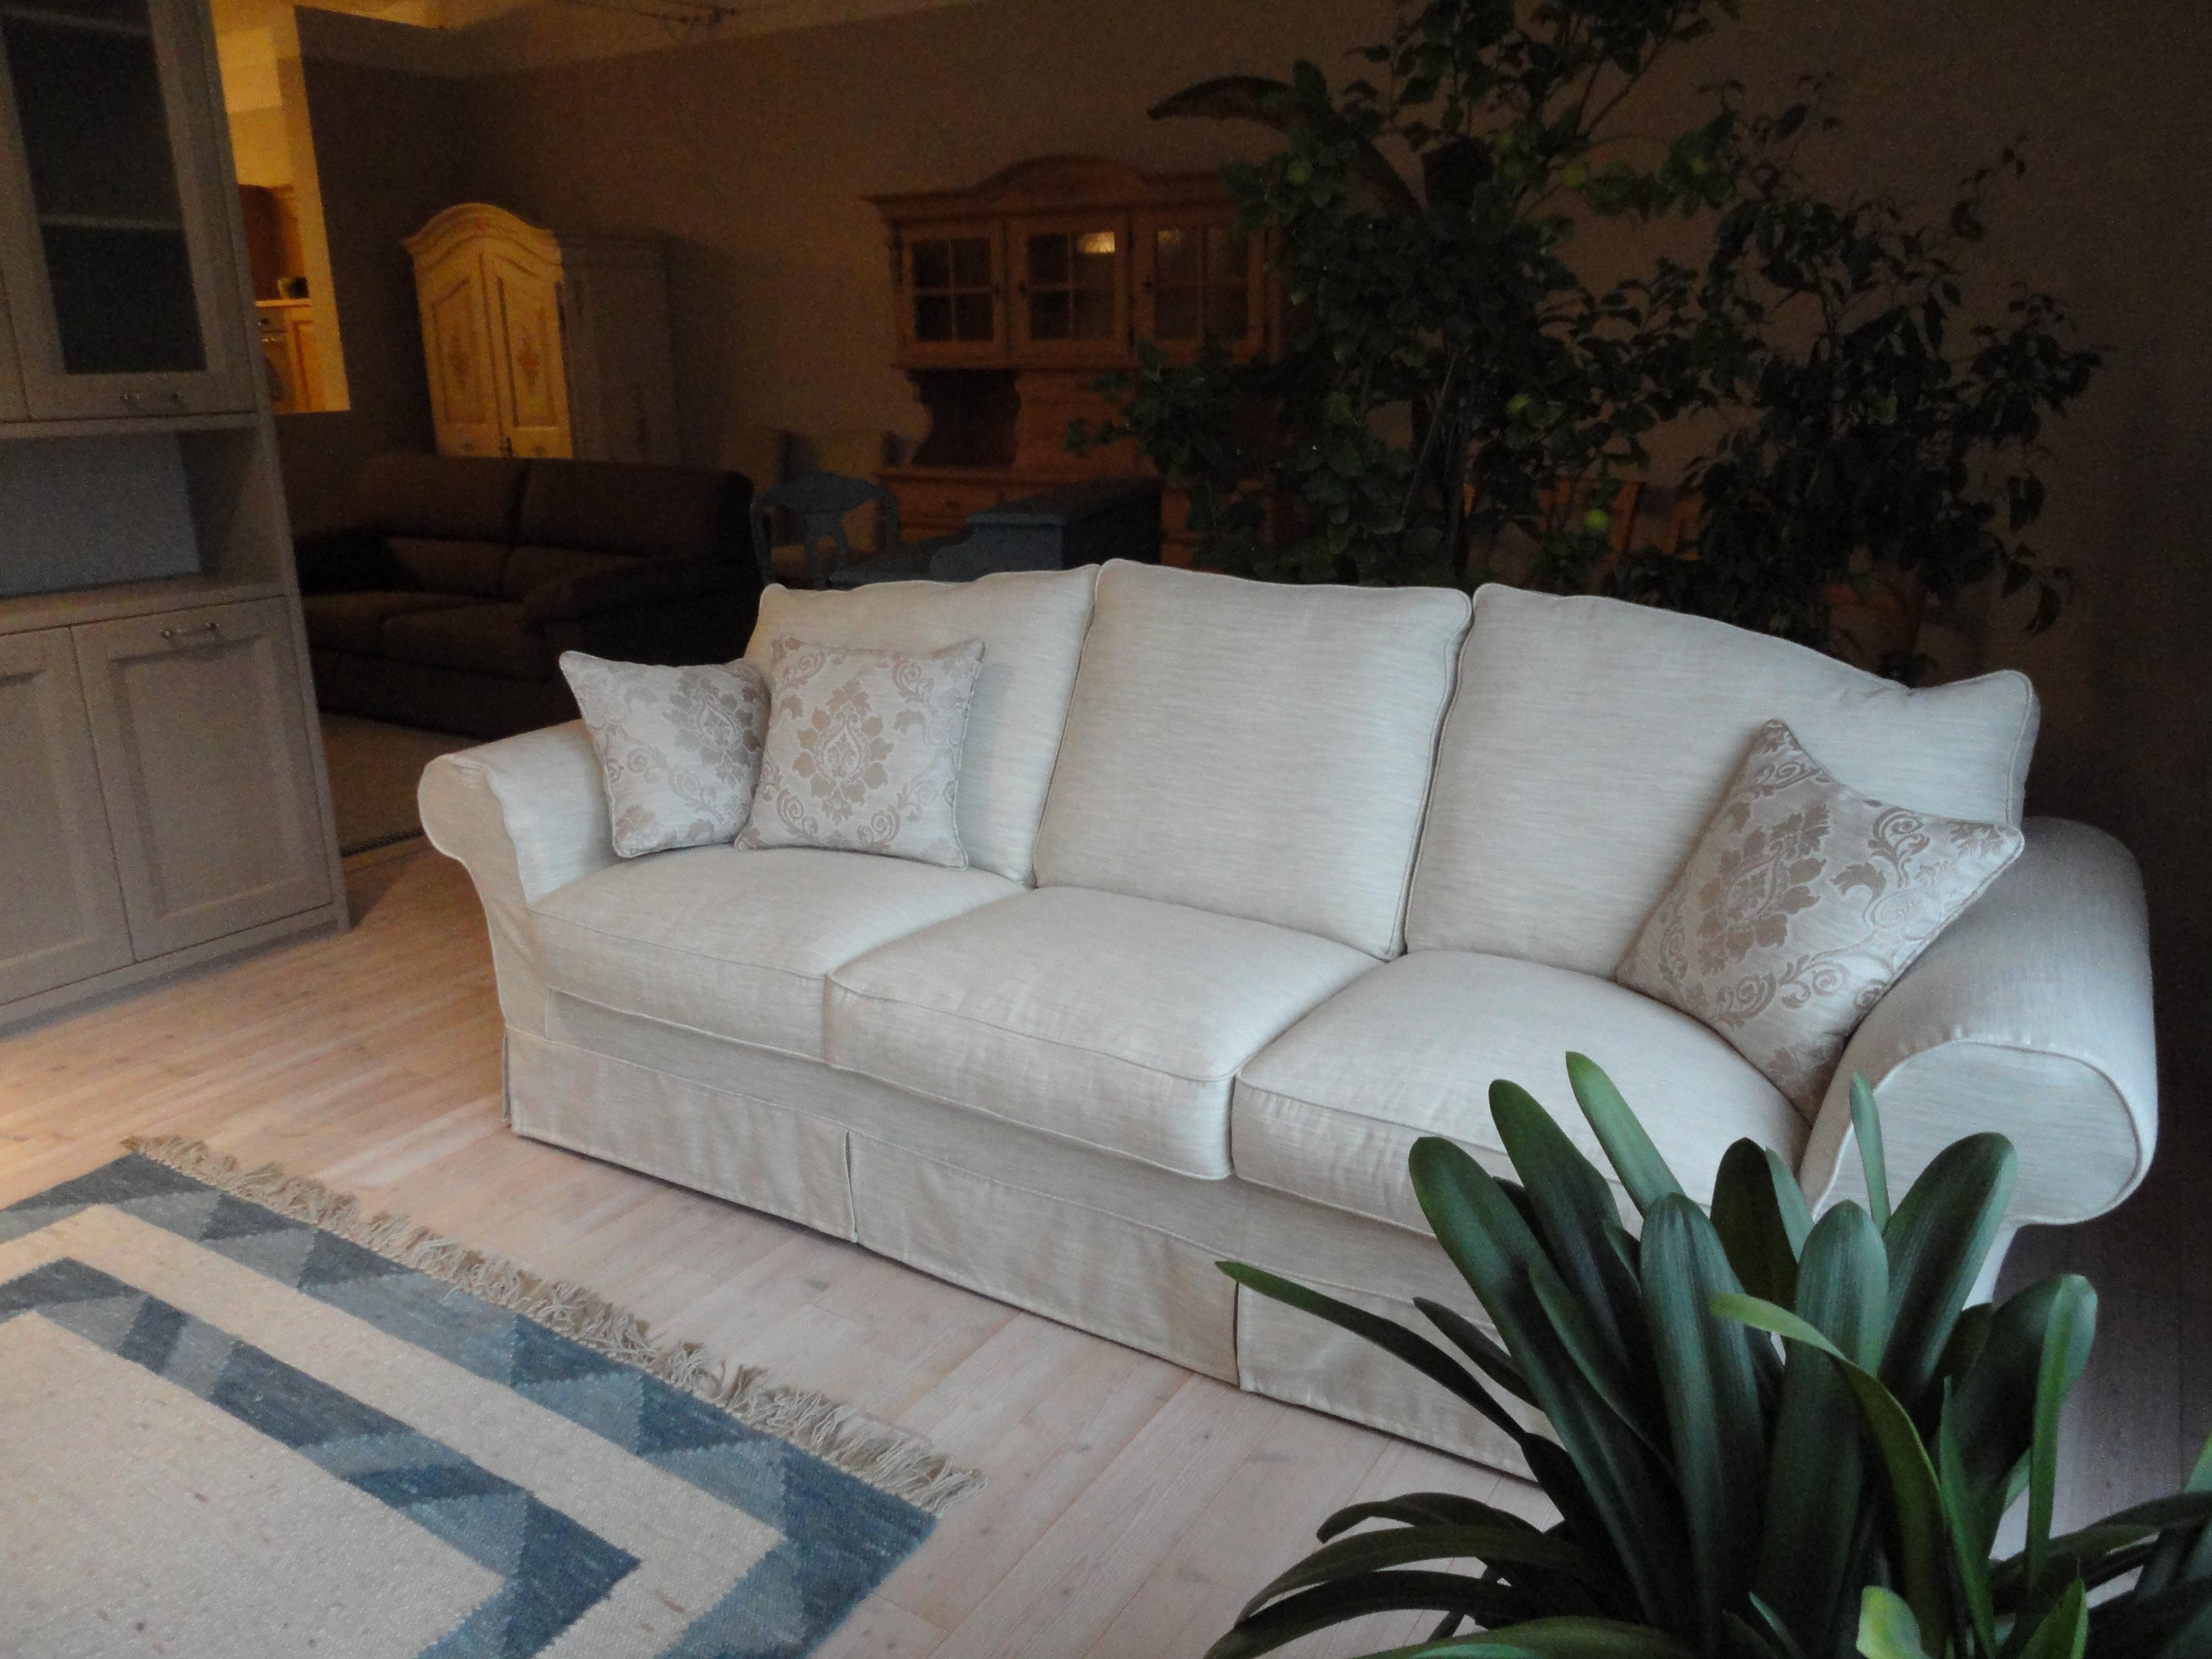 Divani bianchi classici design casa creativa e mobili for Chatodax prezzi divani